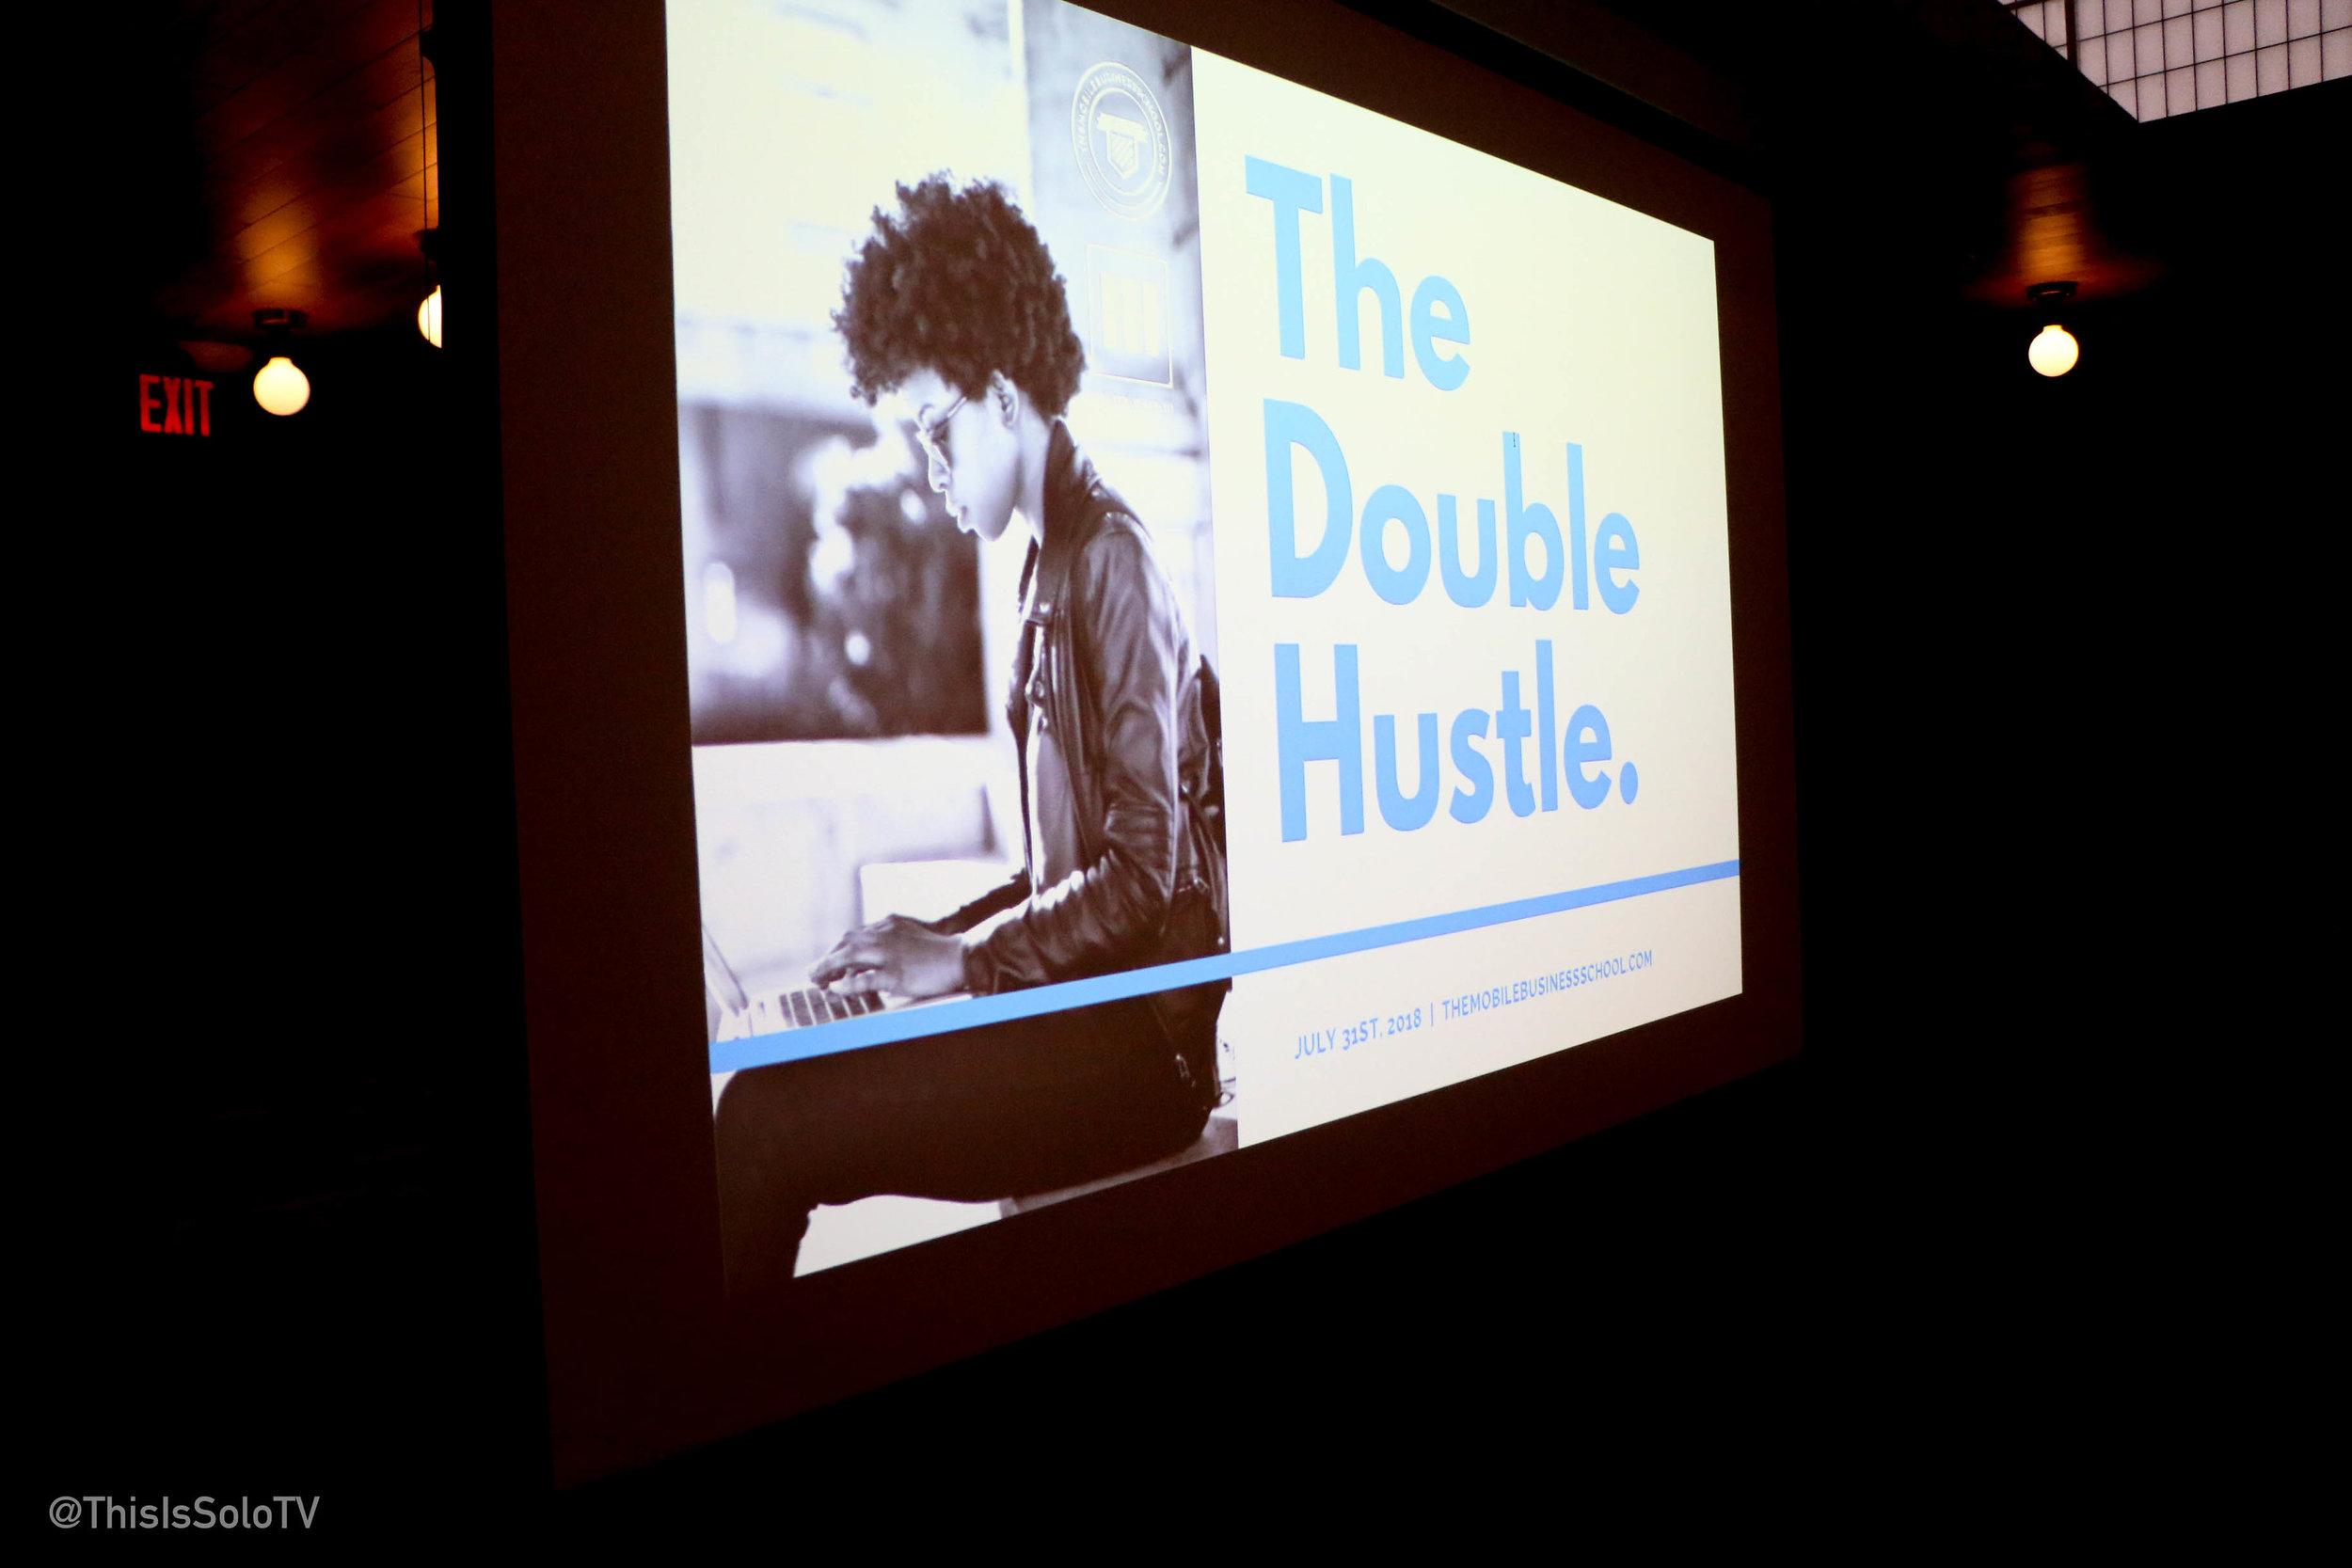 TheDoubleHustle6.jpg